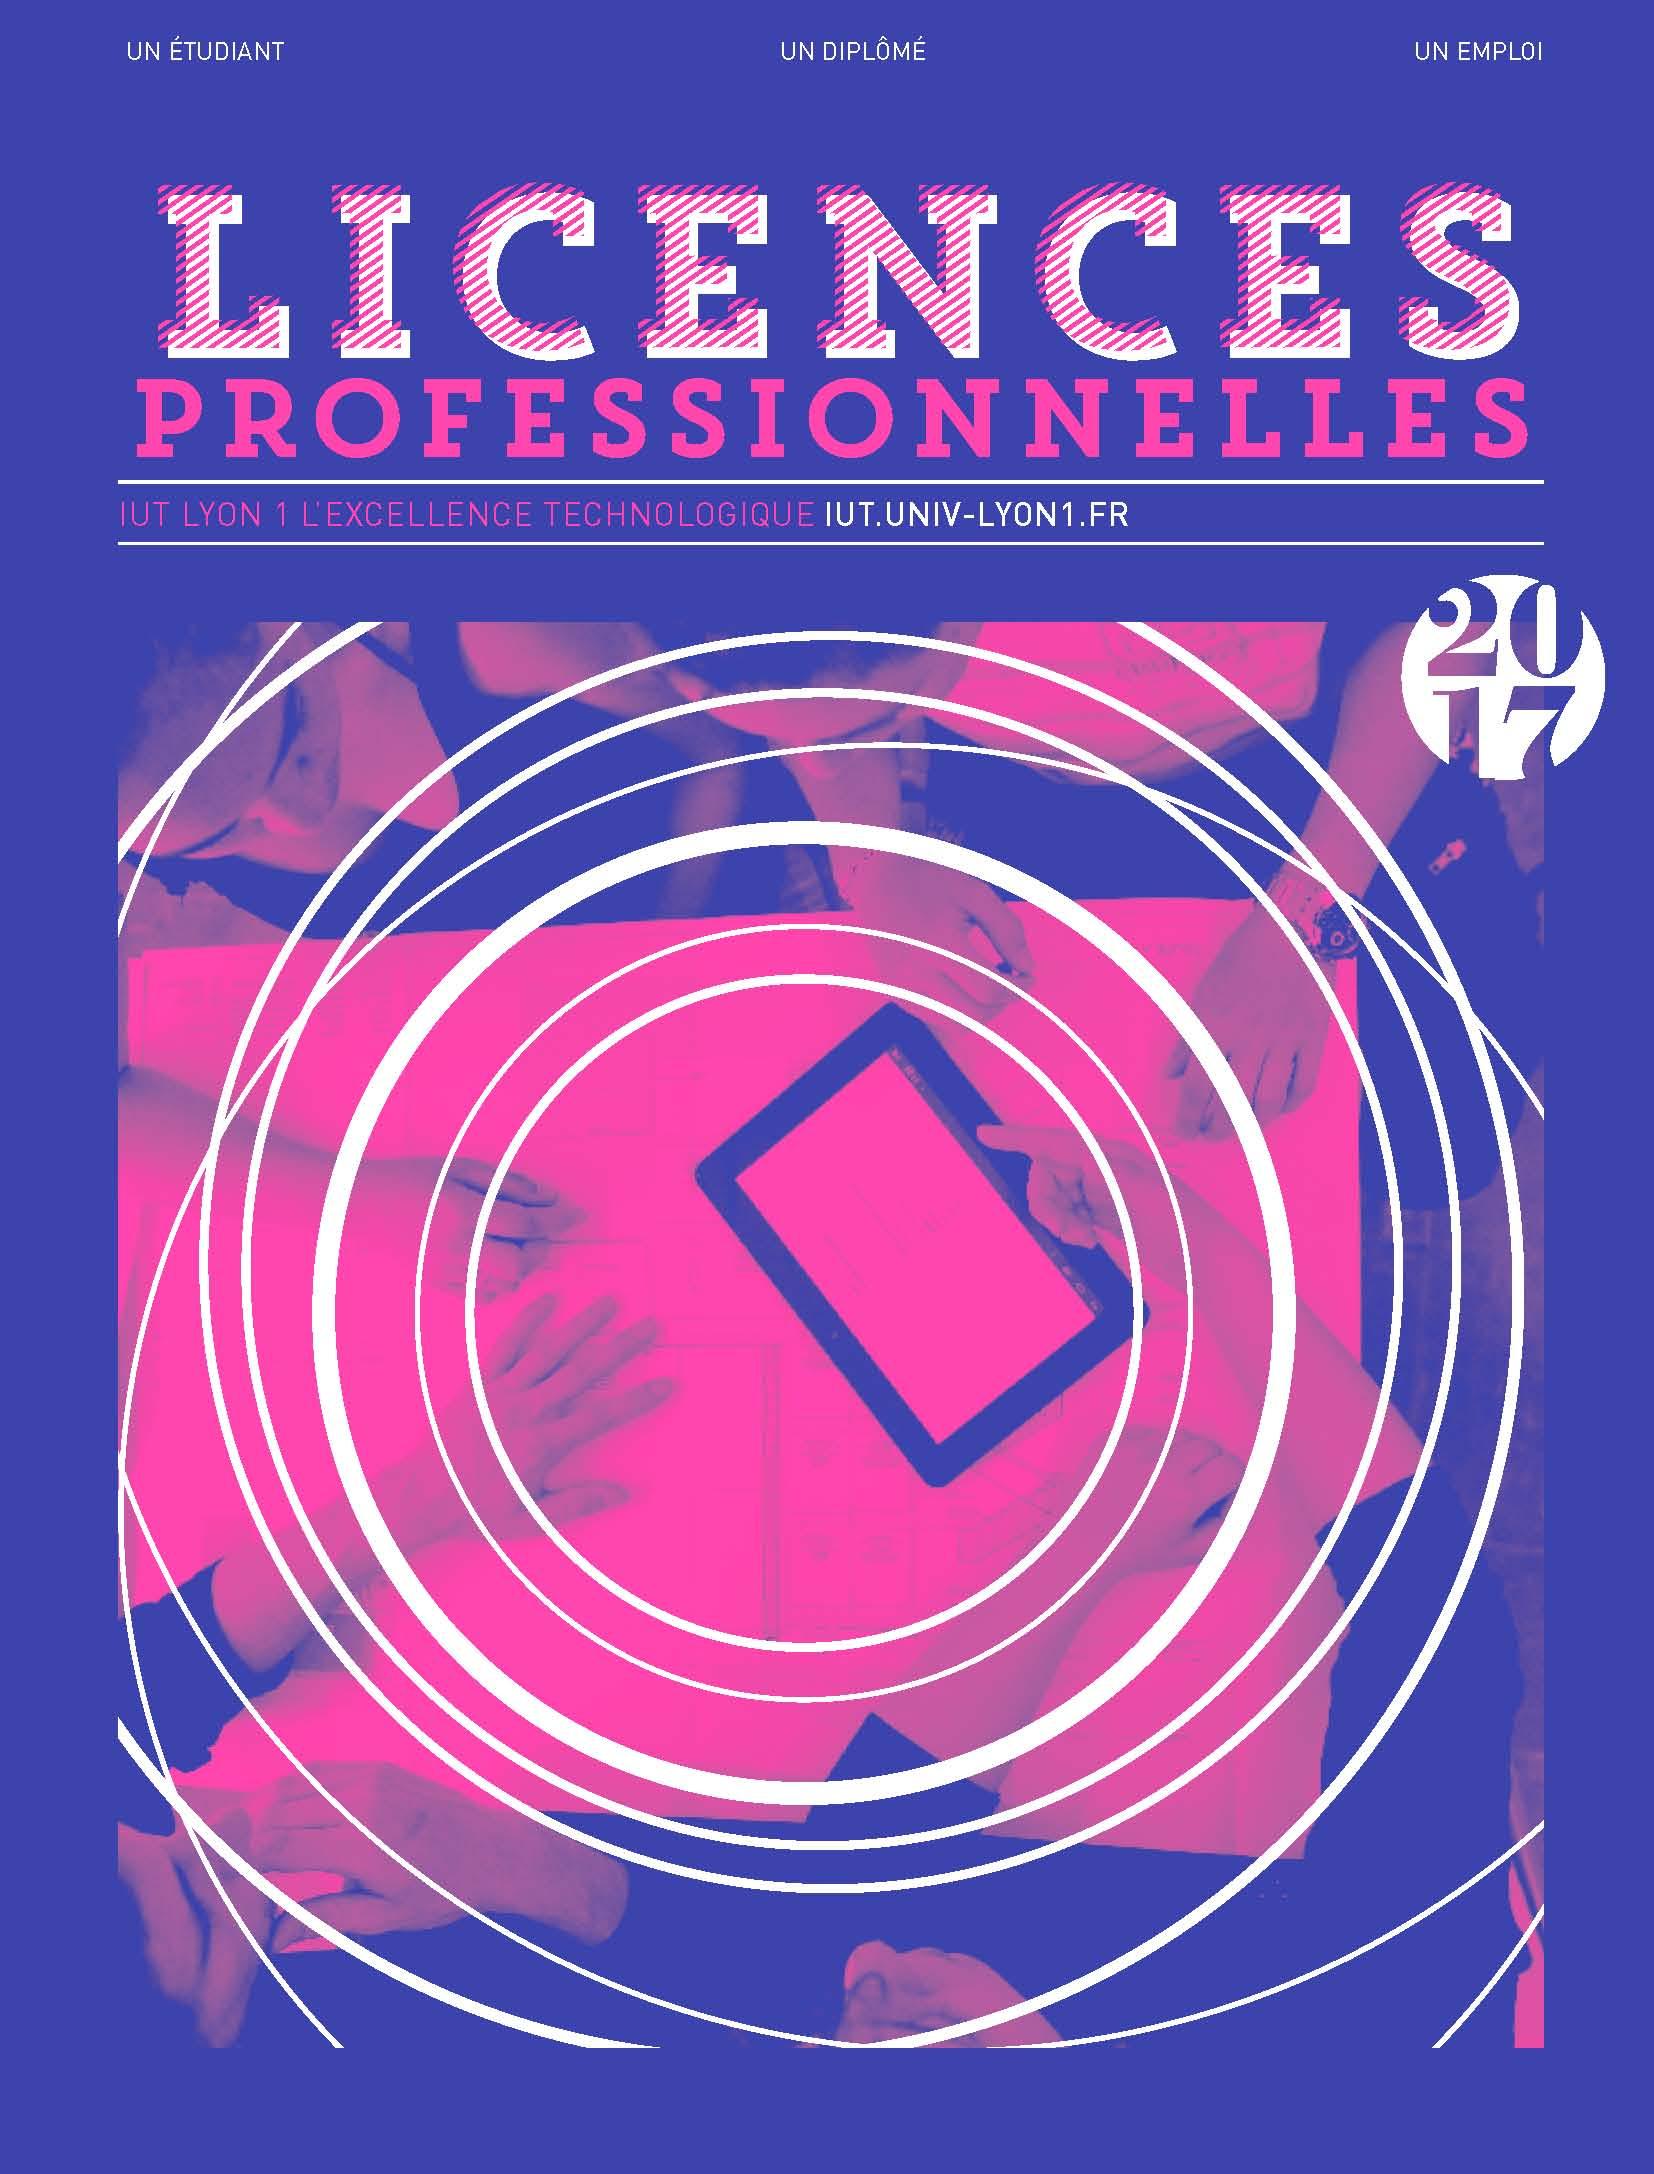 Couverture Catalogue LP